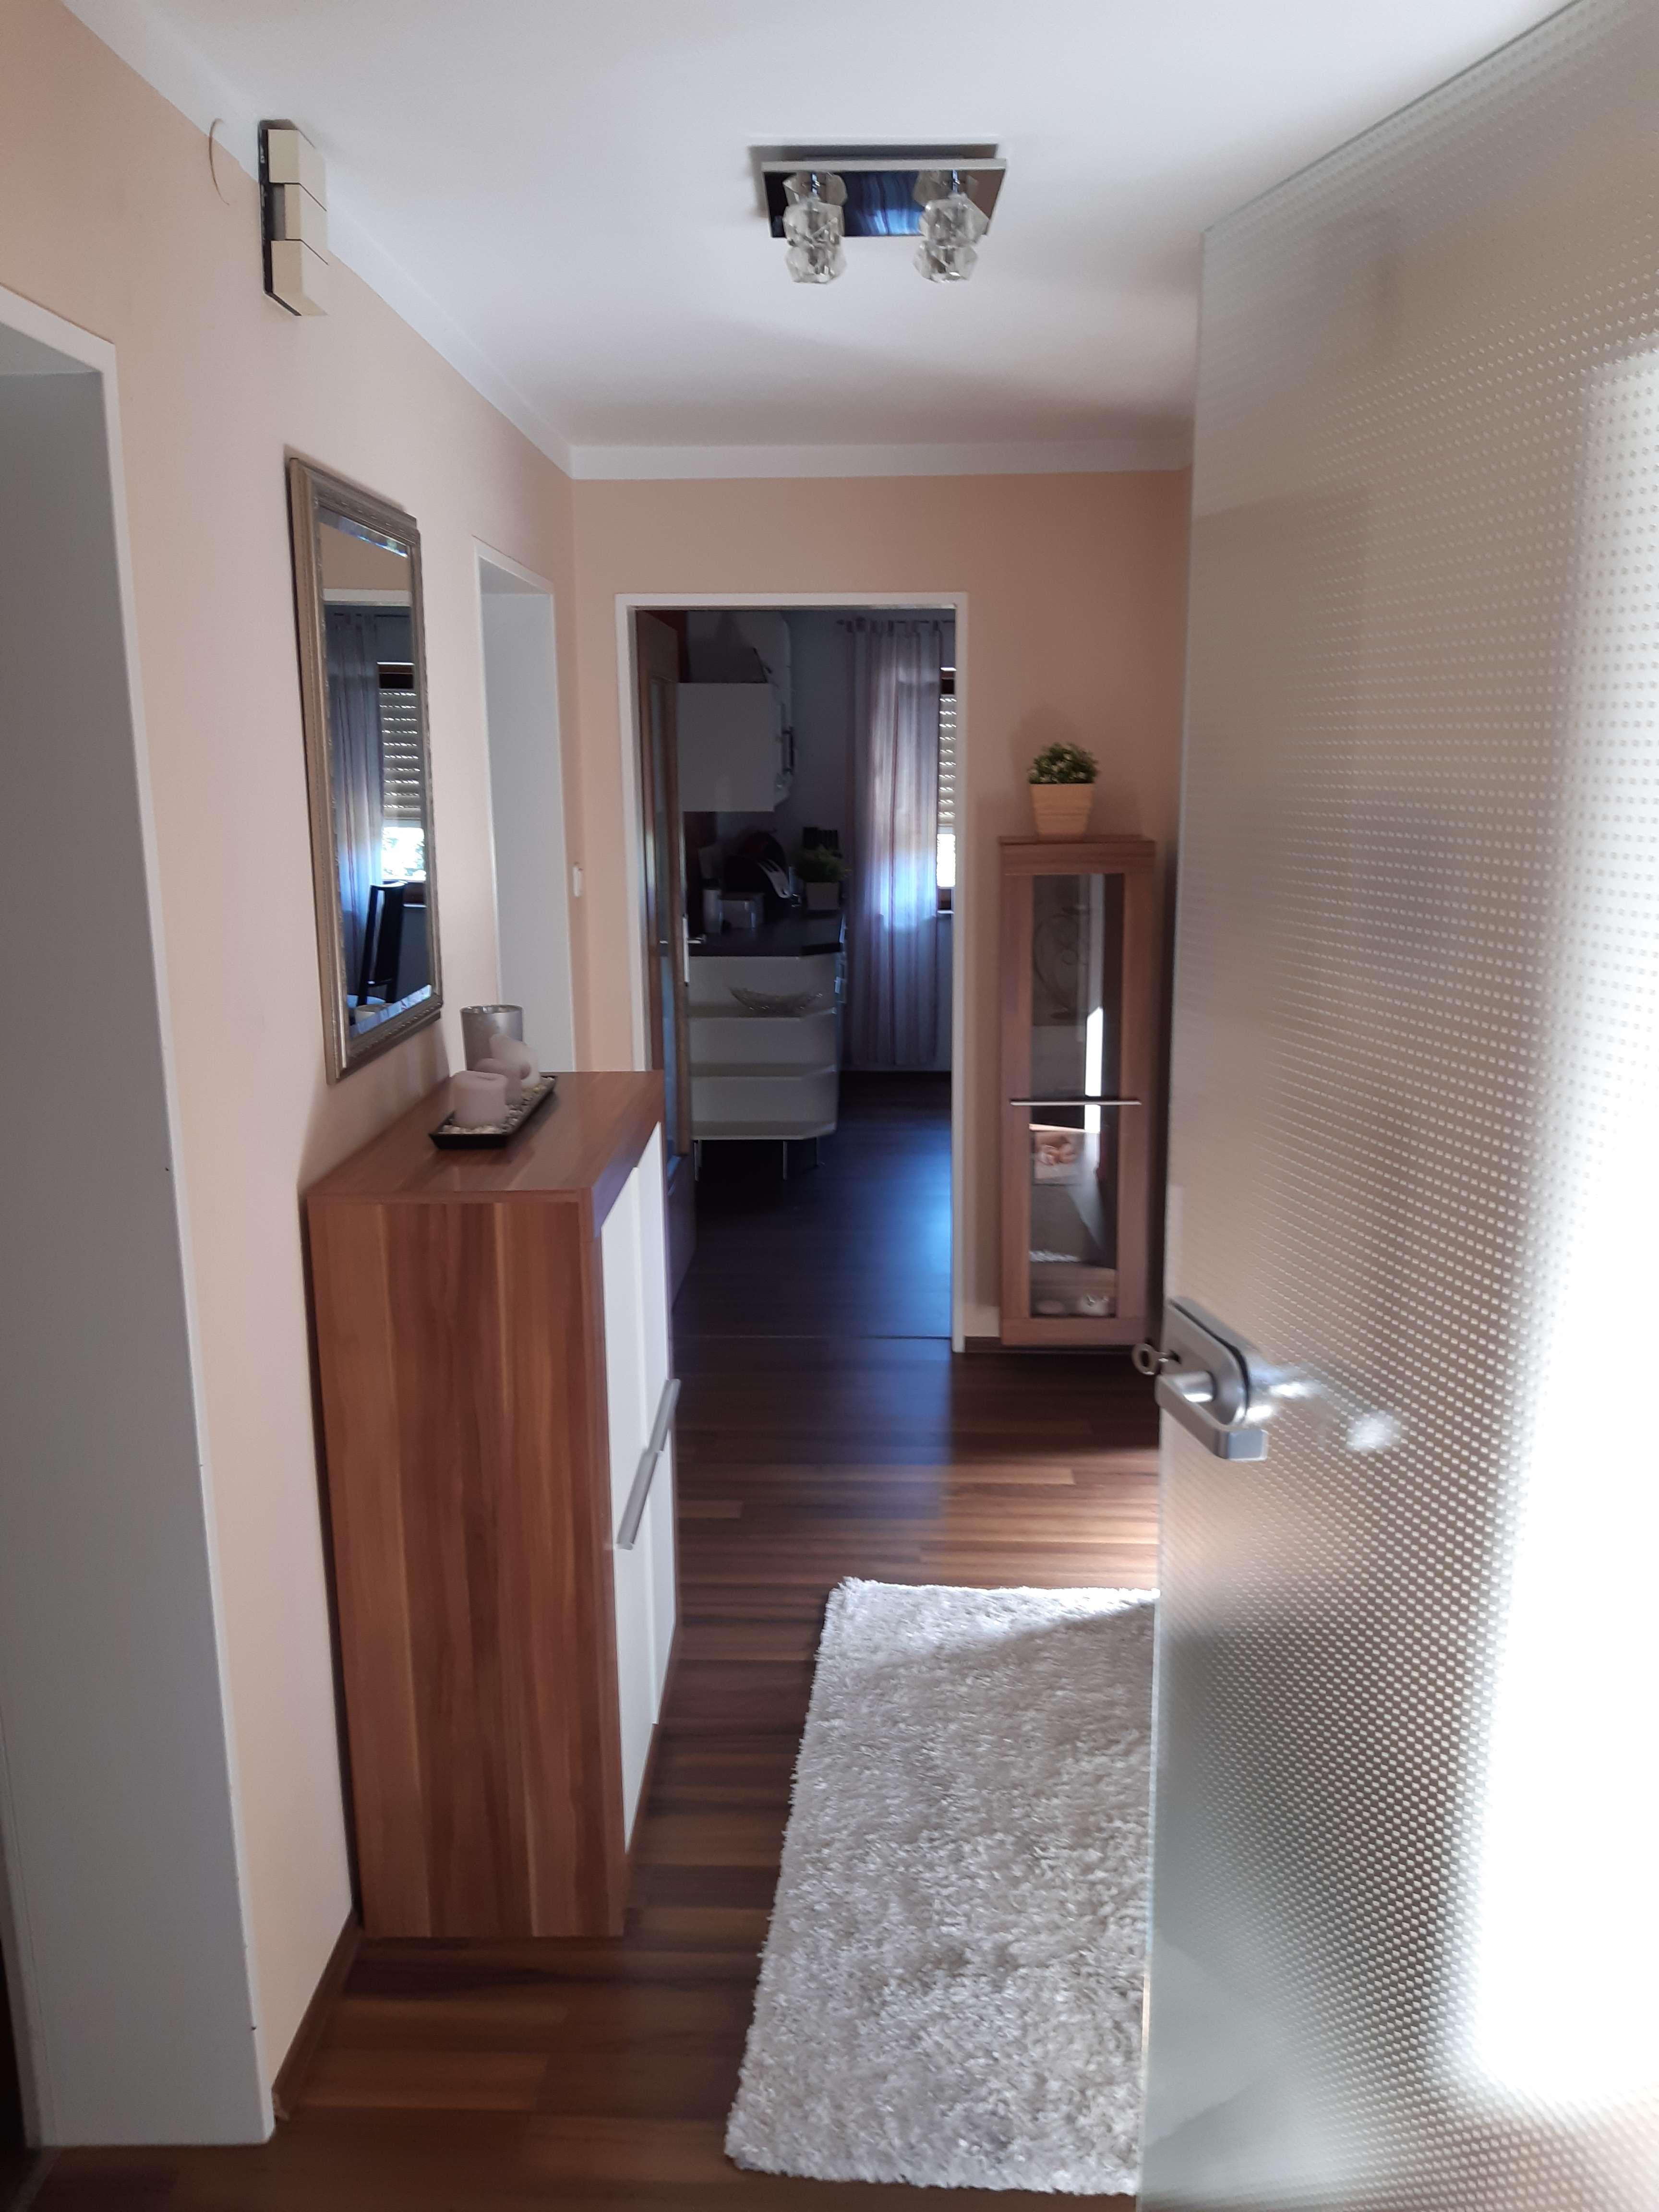 Vollständig renovierte 2-Zimmer-Wohnung mit Balkon und Einbauküche in Bernauerstraße, Kirchroth in